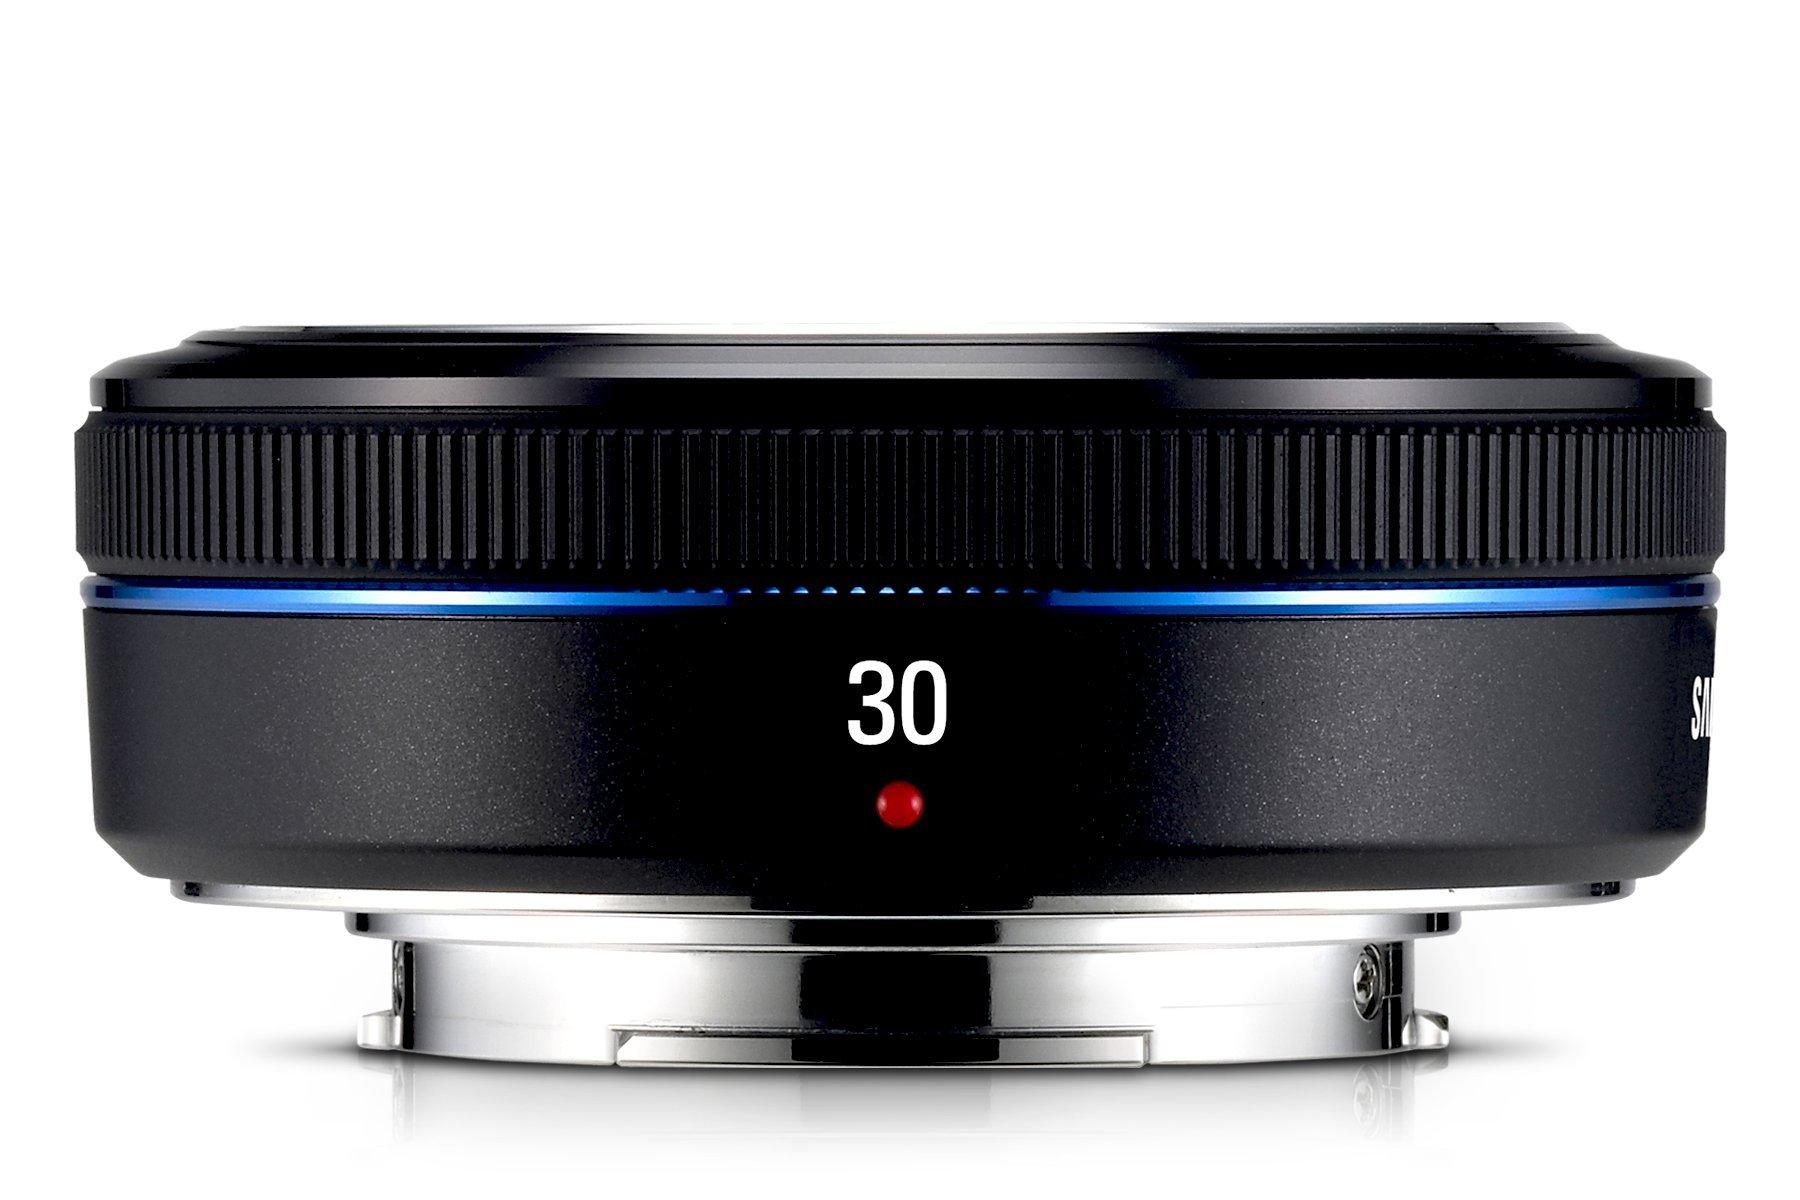 Samsung 30mm f/2.0 Lens for NX Cameras